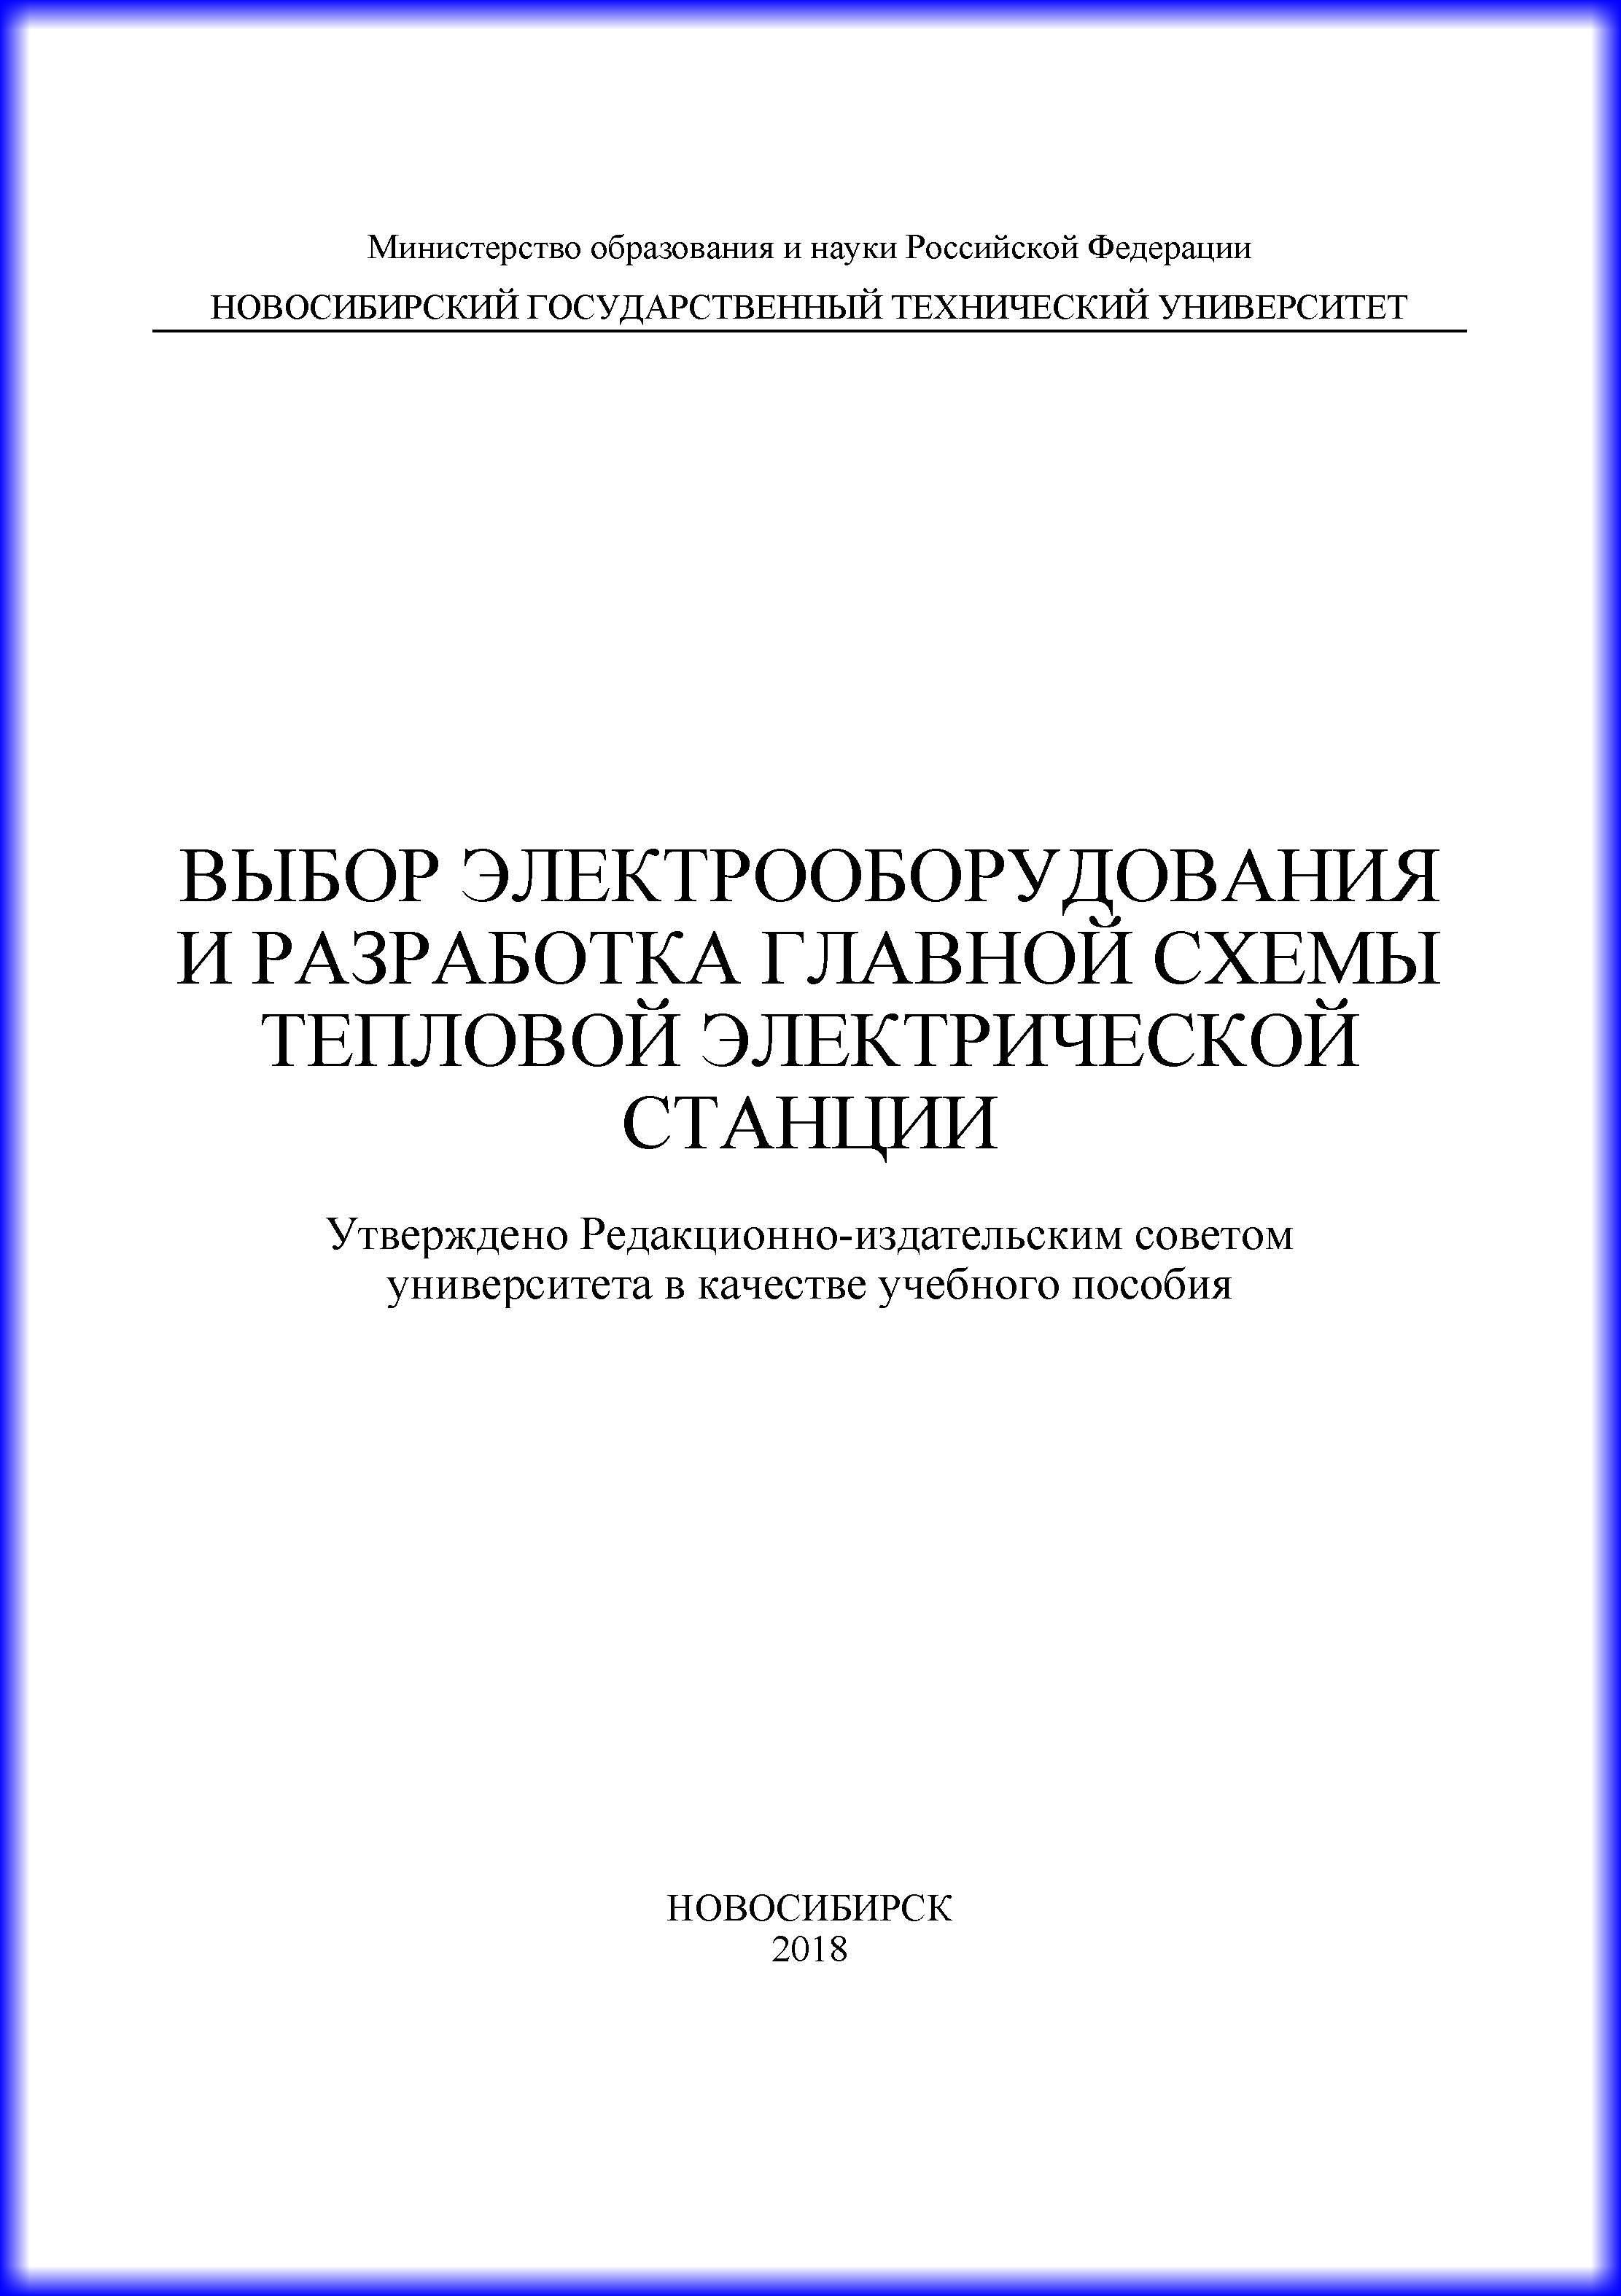 М. А. Купарев Выбор электрооборудования и разработка главной схемы тепловой электрической станции